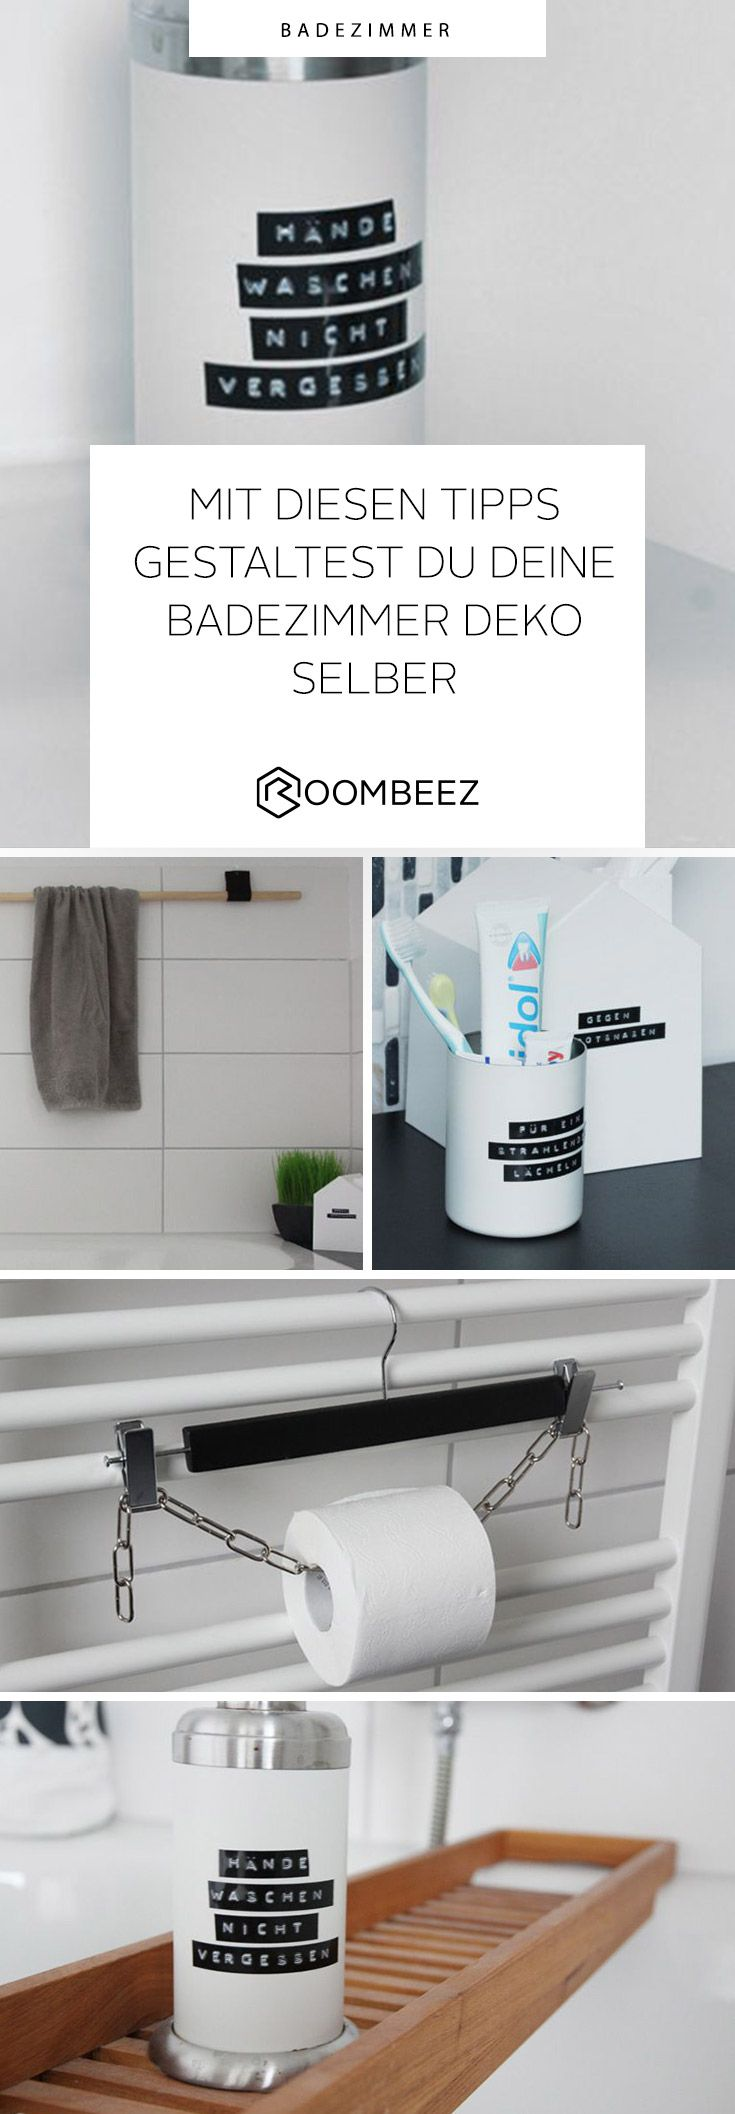 Badezimmer Deko Schone Ideen Fur Dein Bad Mit Bildern